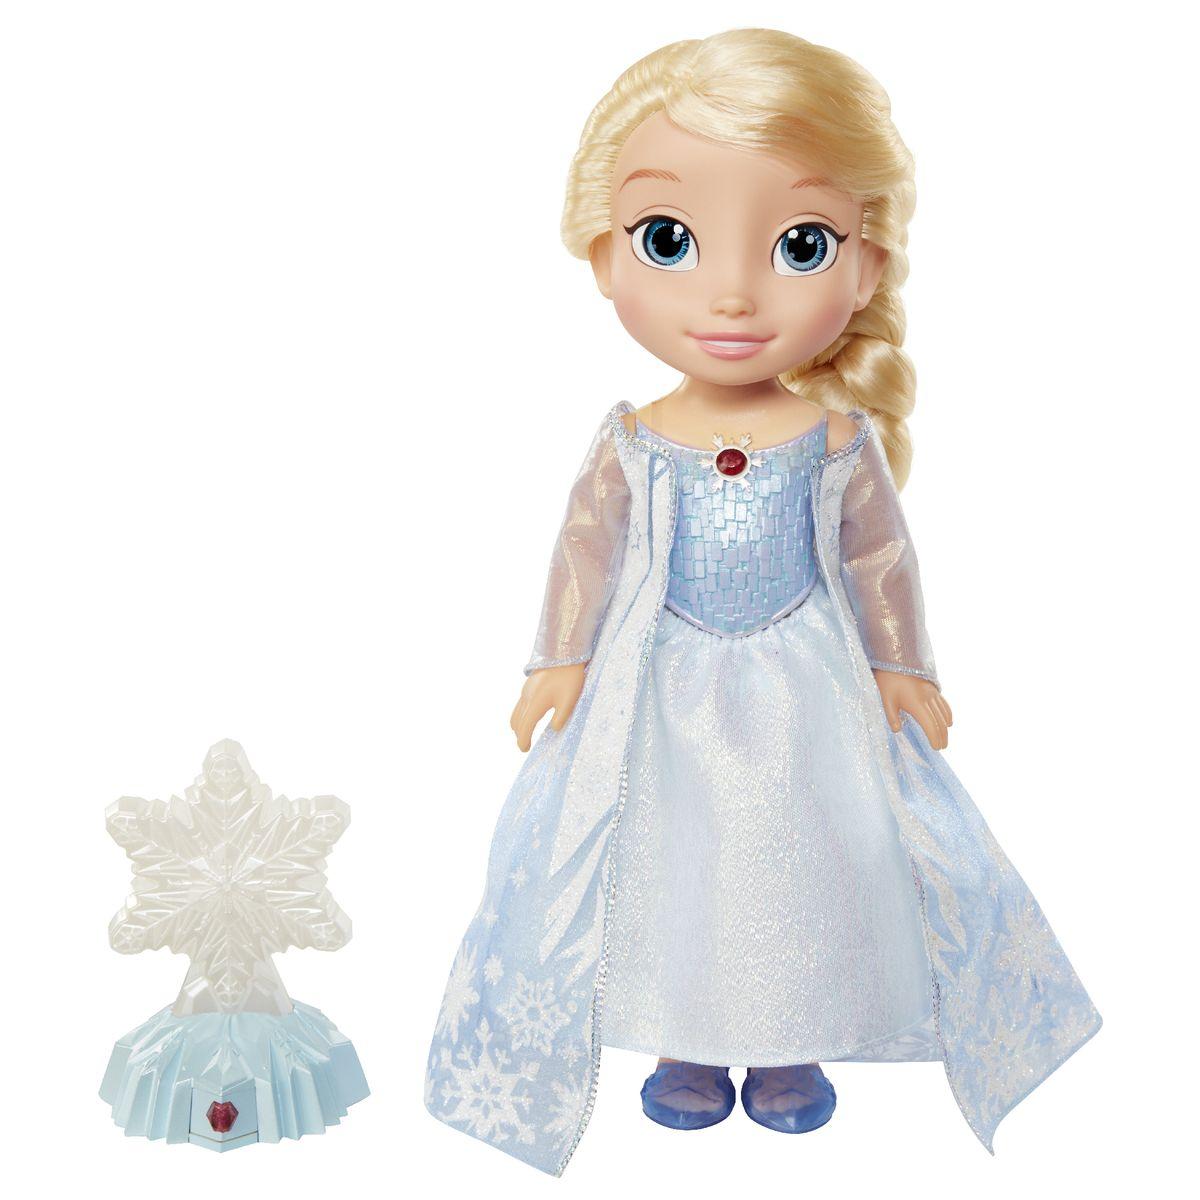 Disney Princess Кукла Эльза Северное сияние эльза в трансформирующемся наряде disney princess